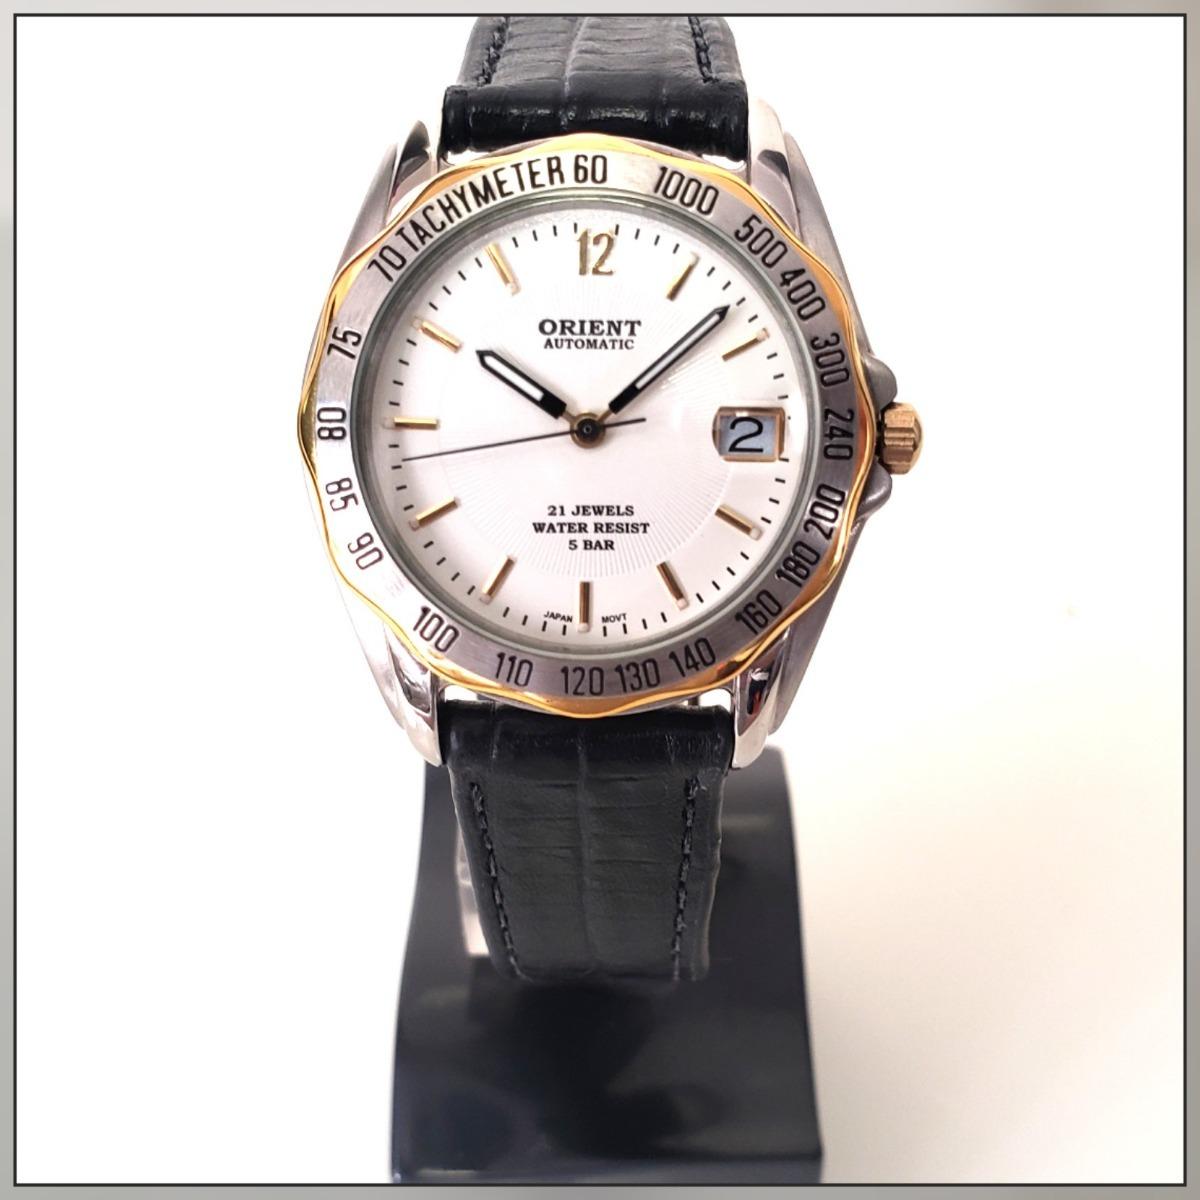 Relógio Pulso Unissex Orient Automático E Corda Couro Preto - R  479 ... efa04cbdc8